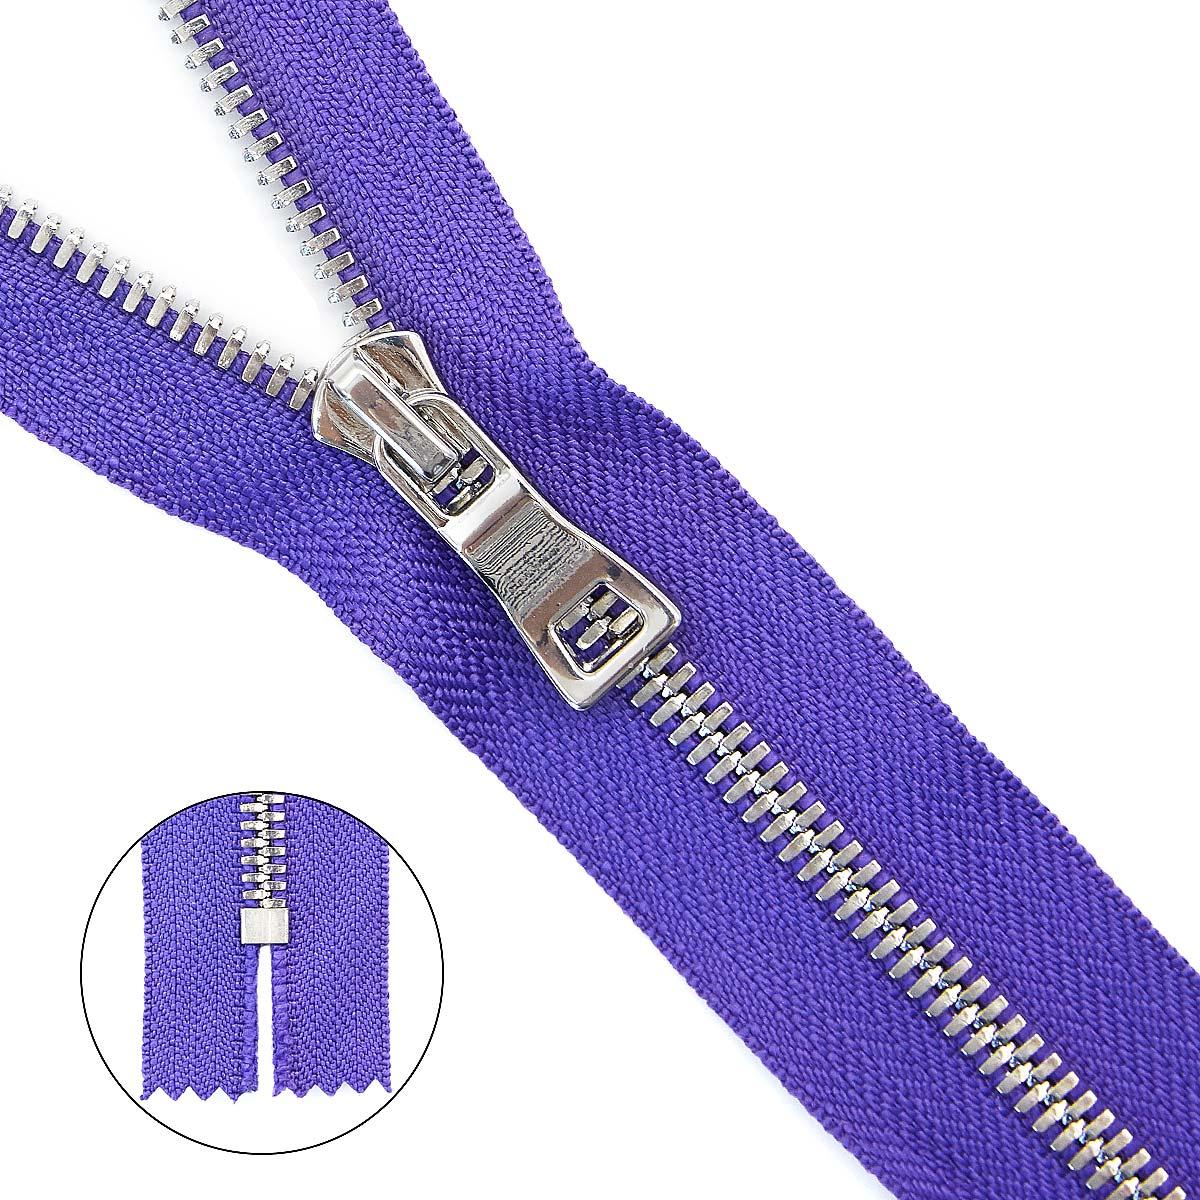 Молния металл №5СТ (Декор) никель н/раз 18см D559 фиолет, 2135001291992